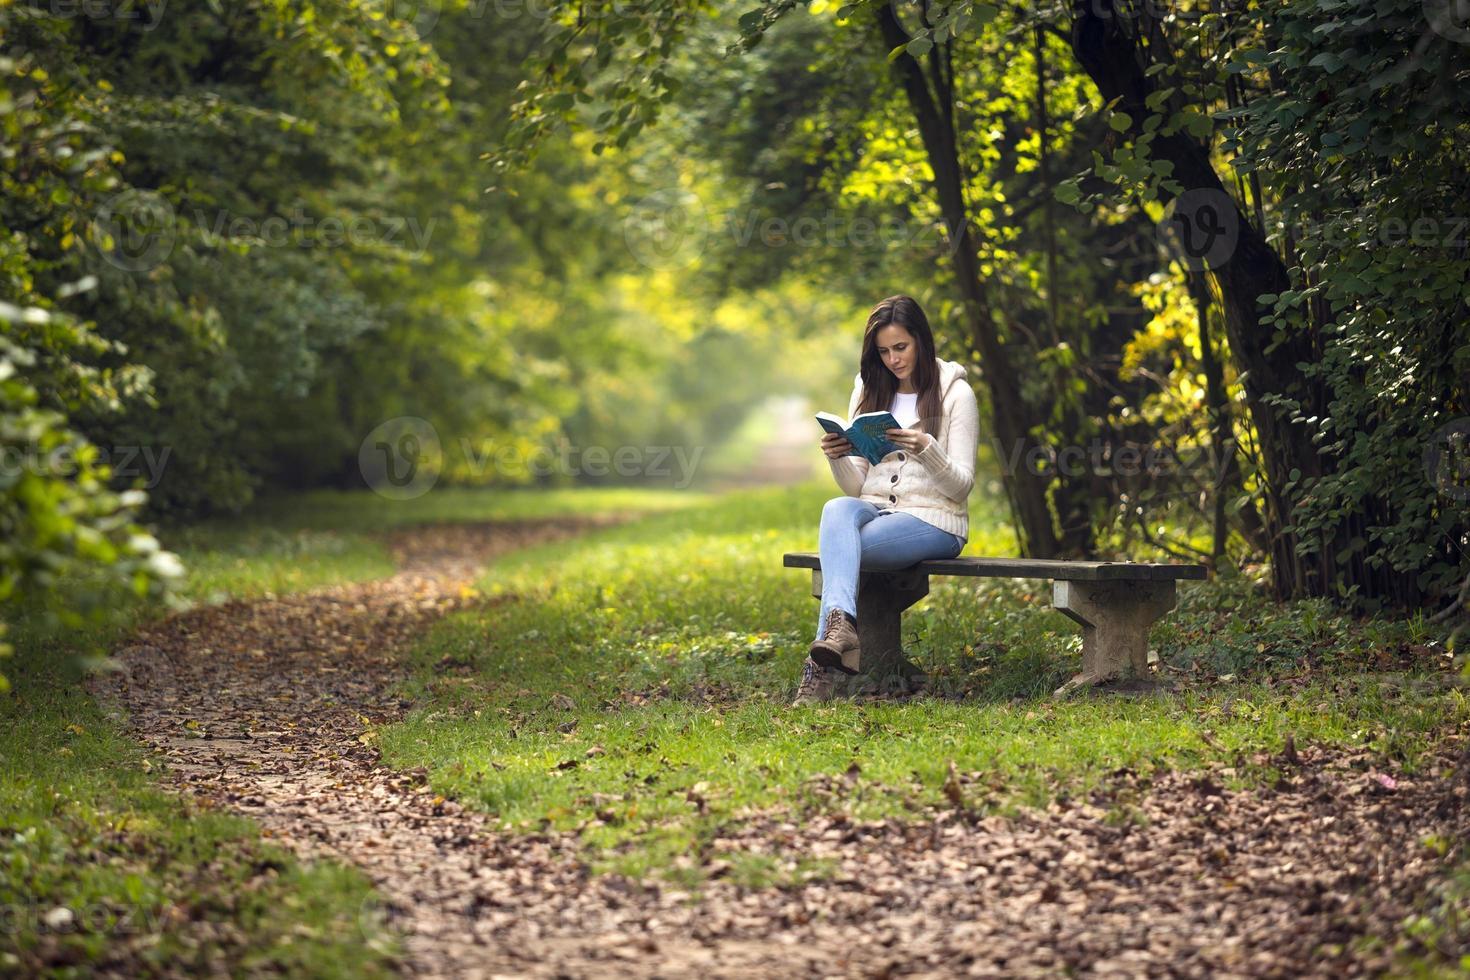 belle fille assise sur un banc de parc photo